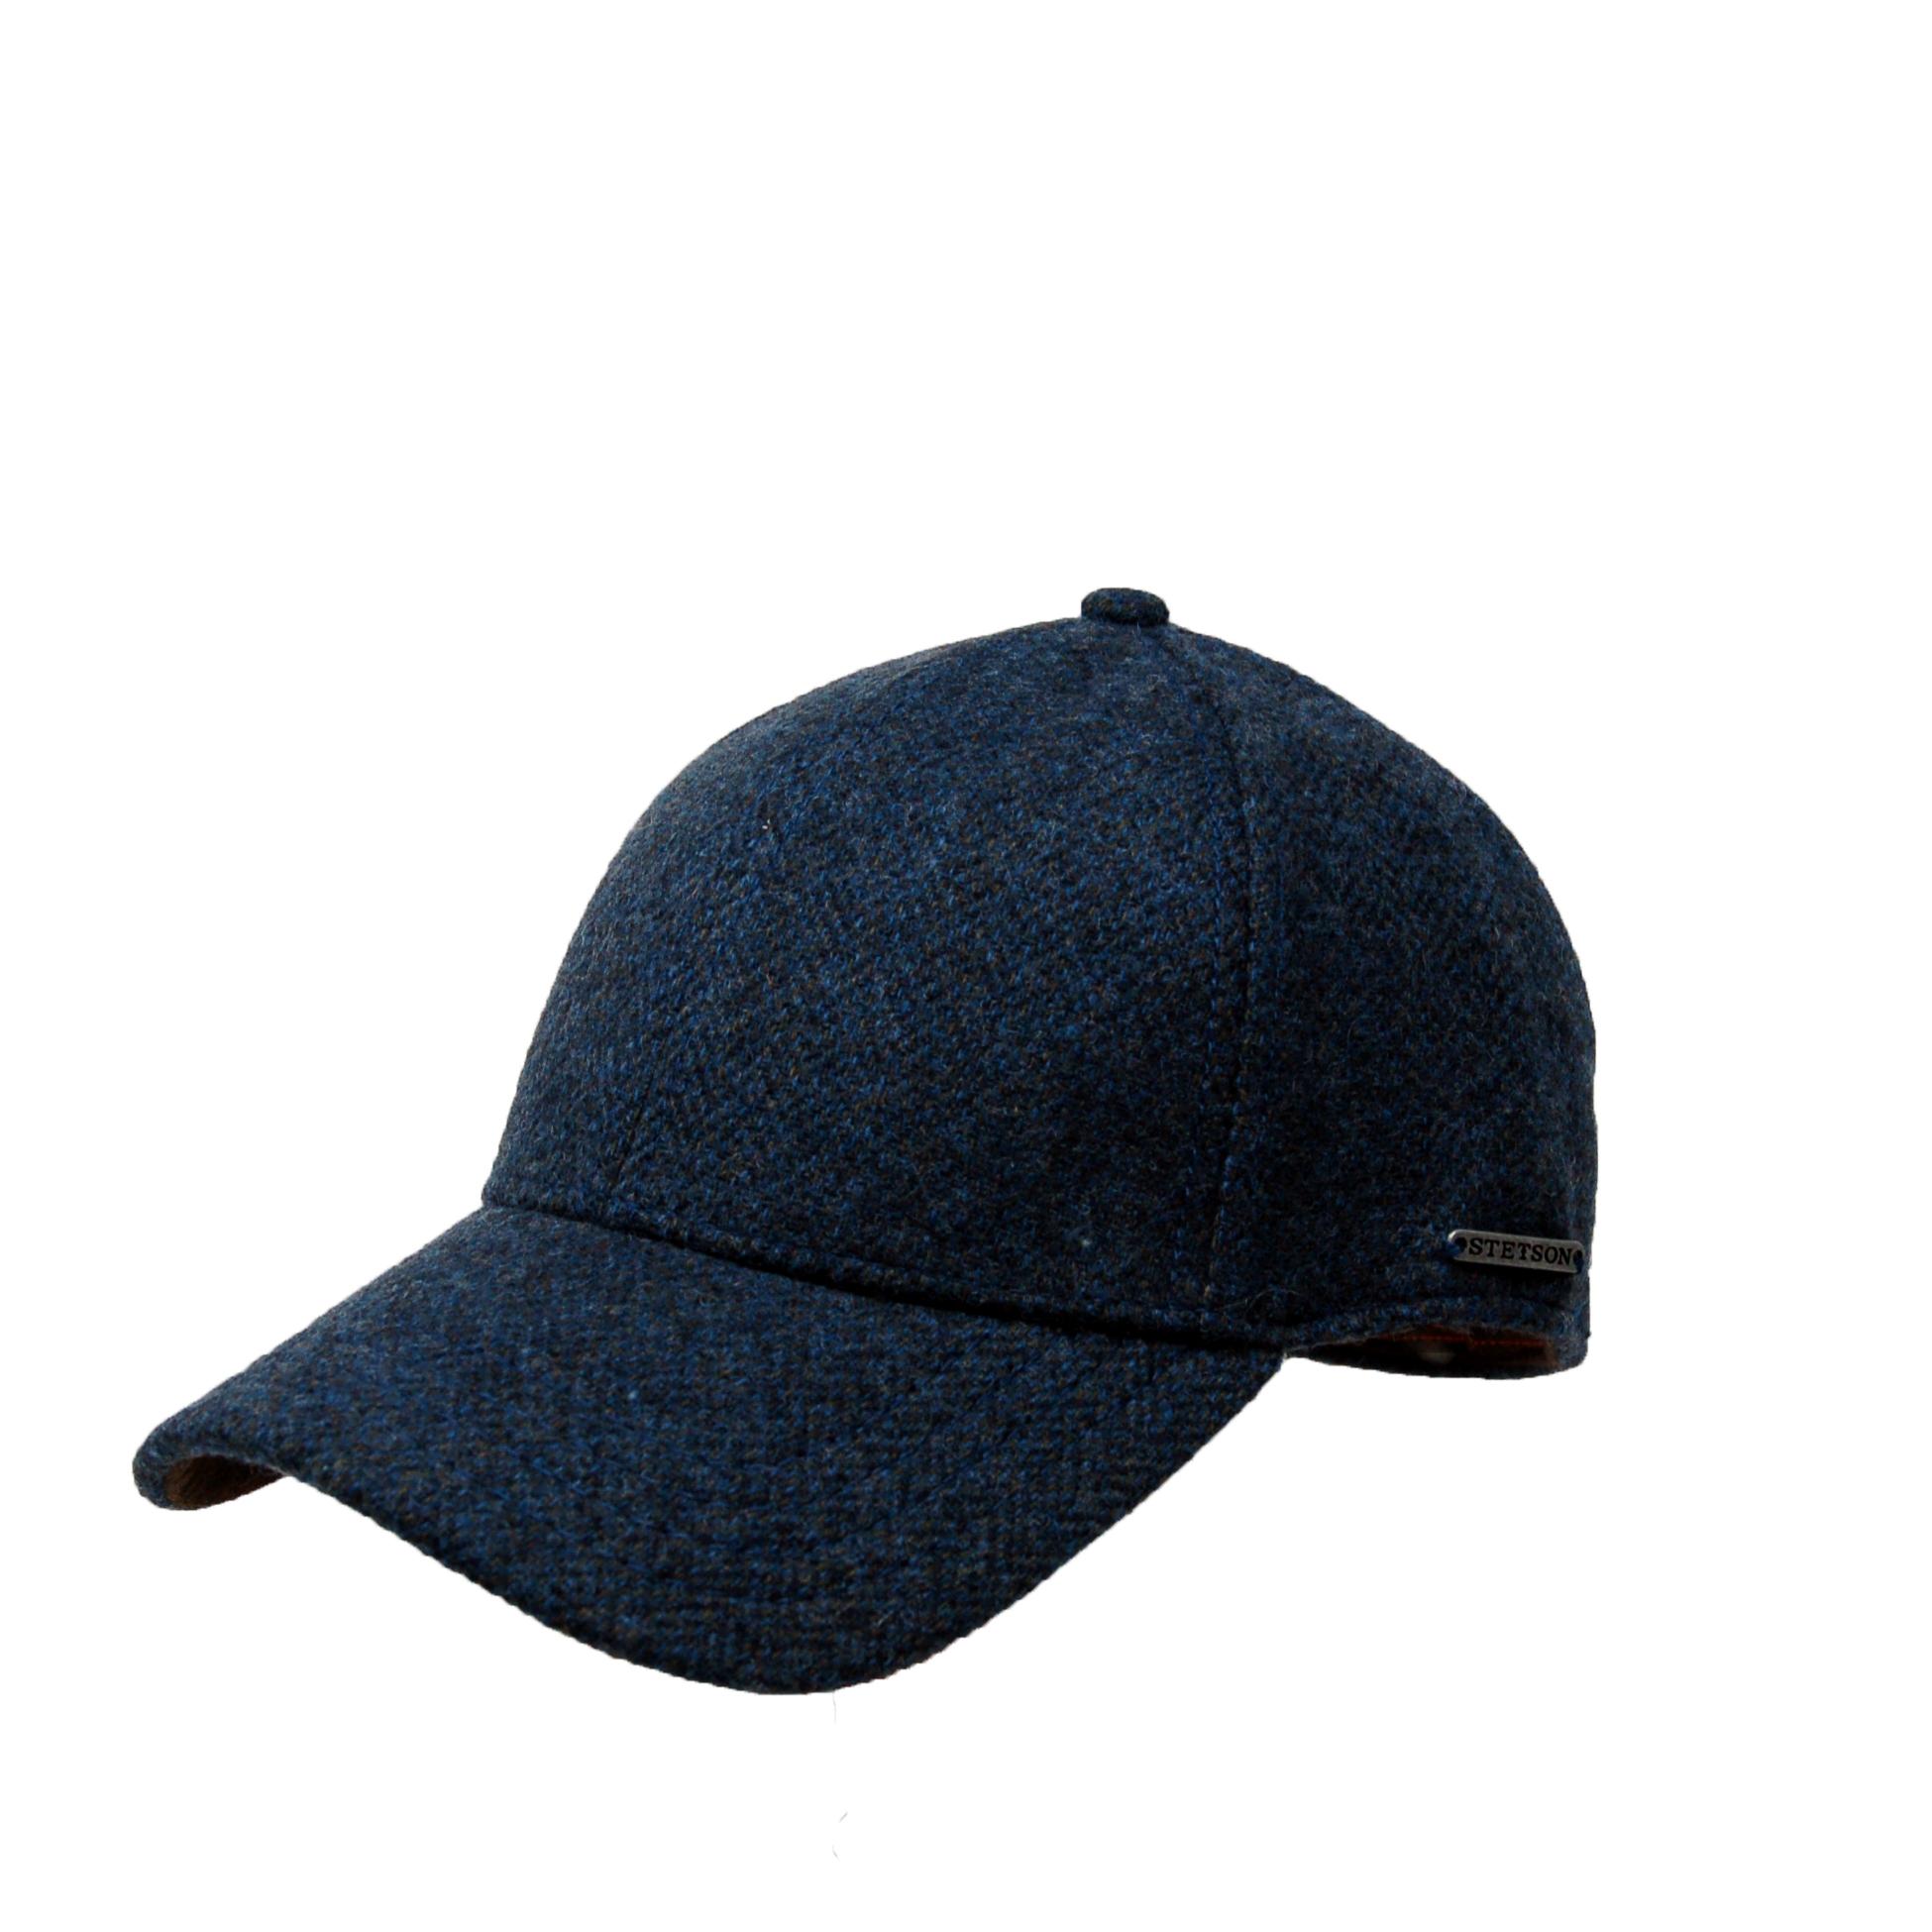 Stetson Woolrich Baseball Cap 4543e485537